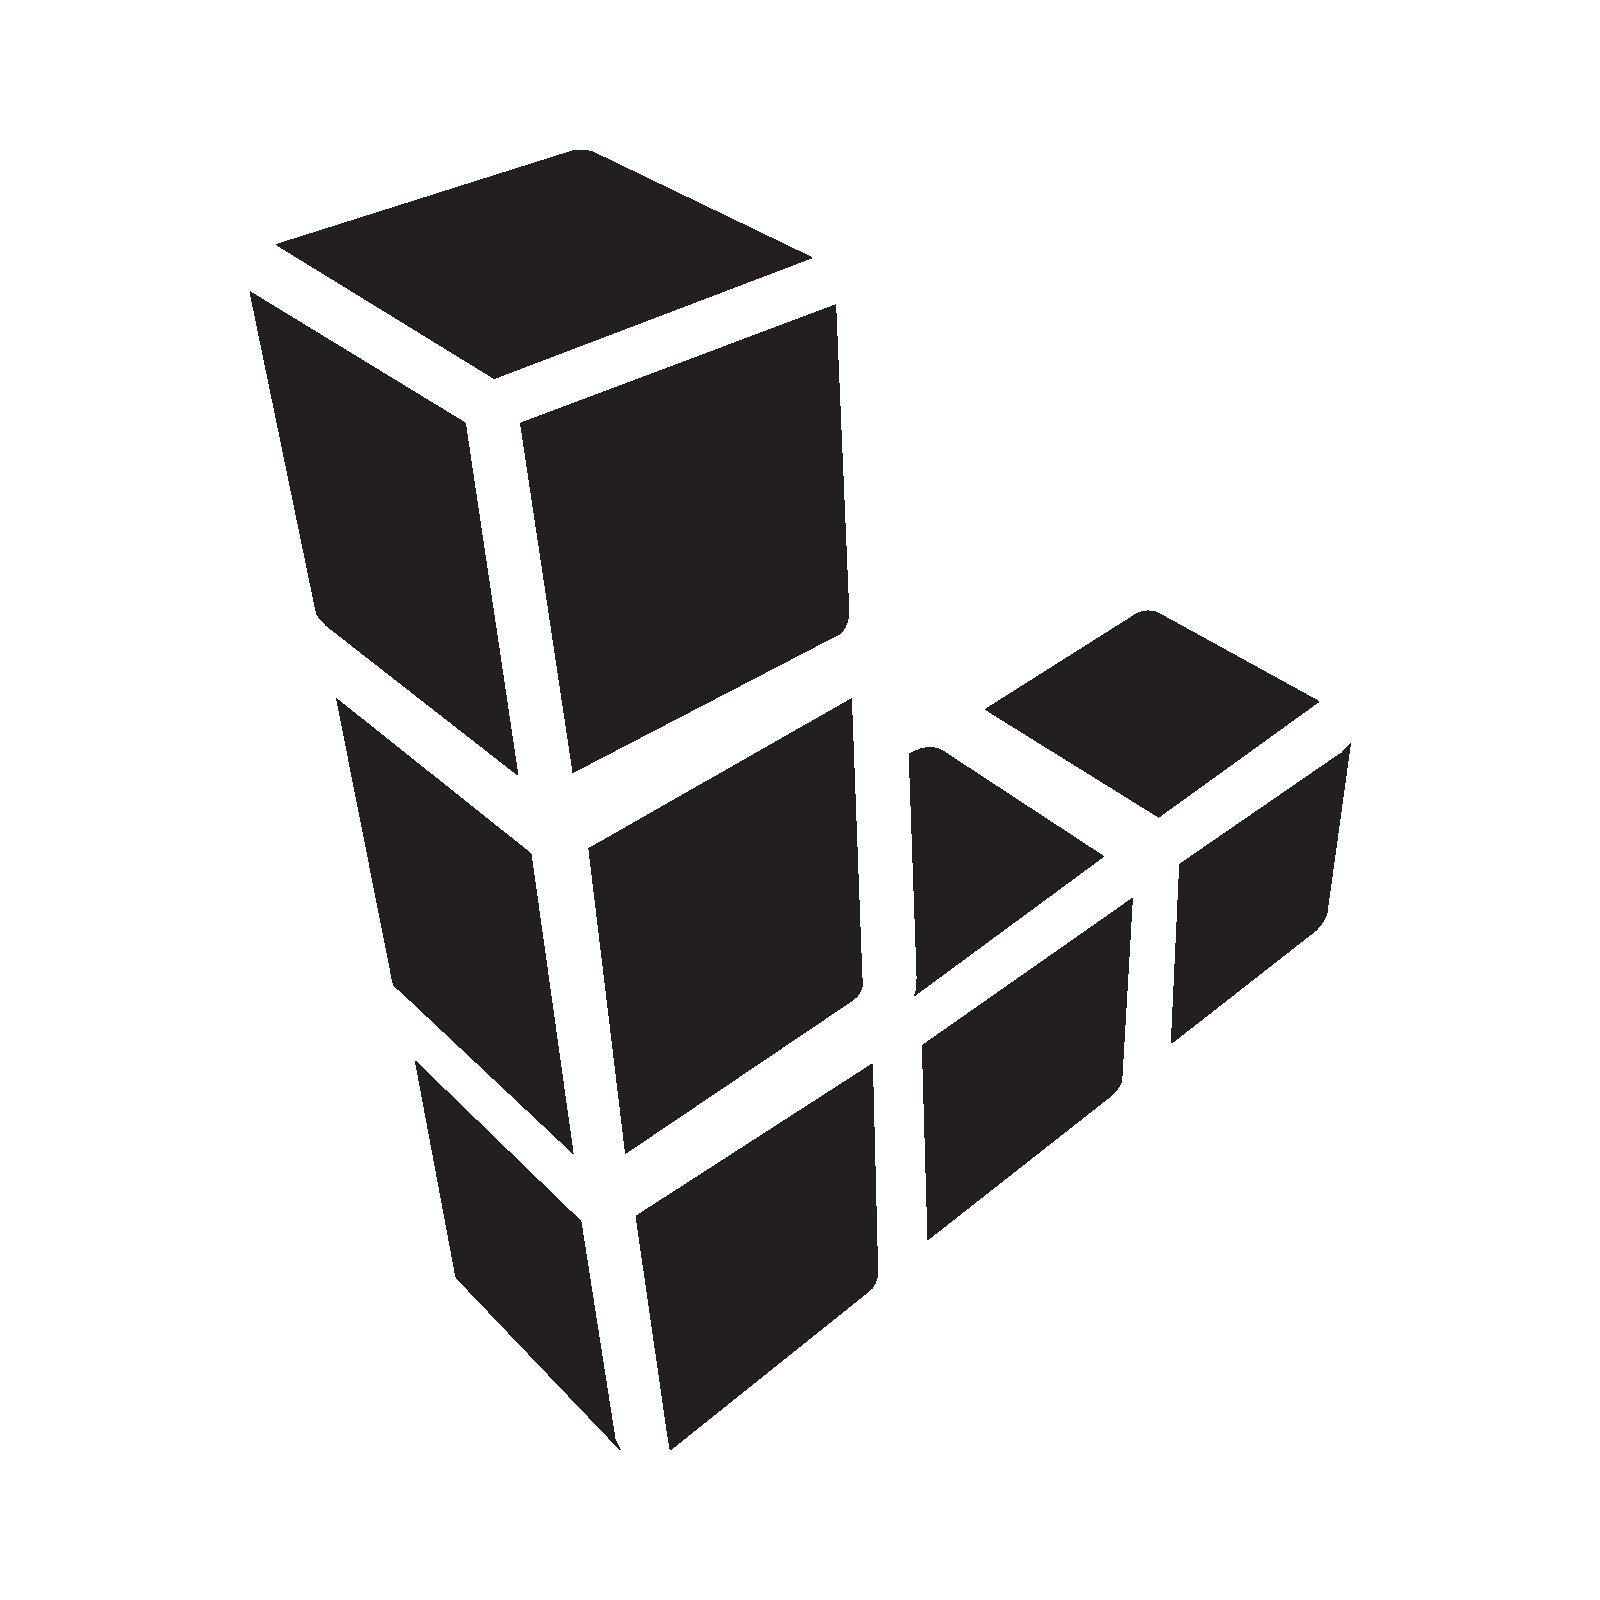 Linode icon - Linode PNG